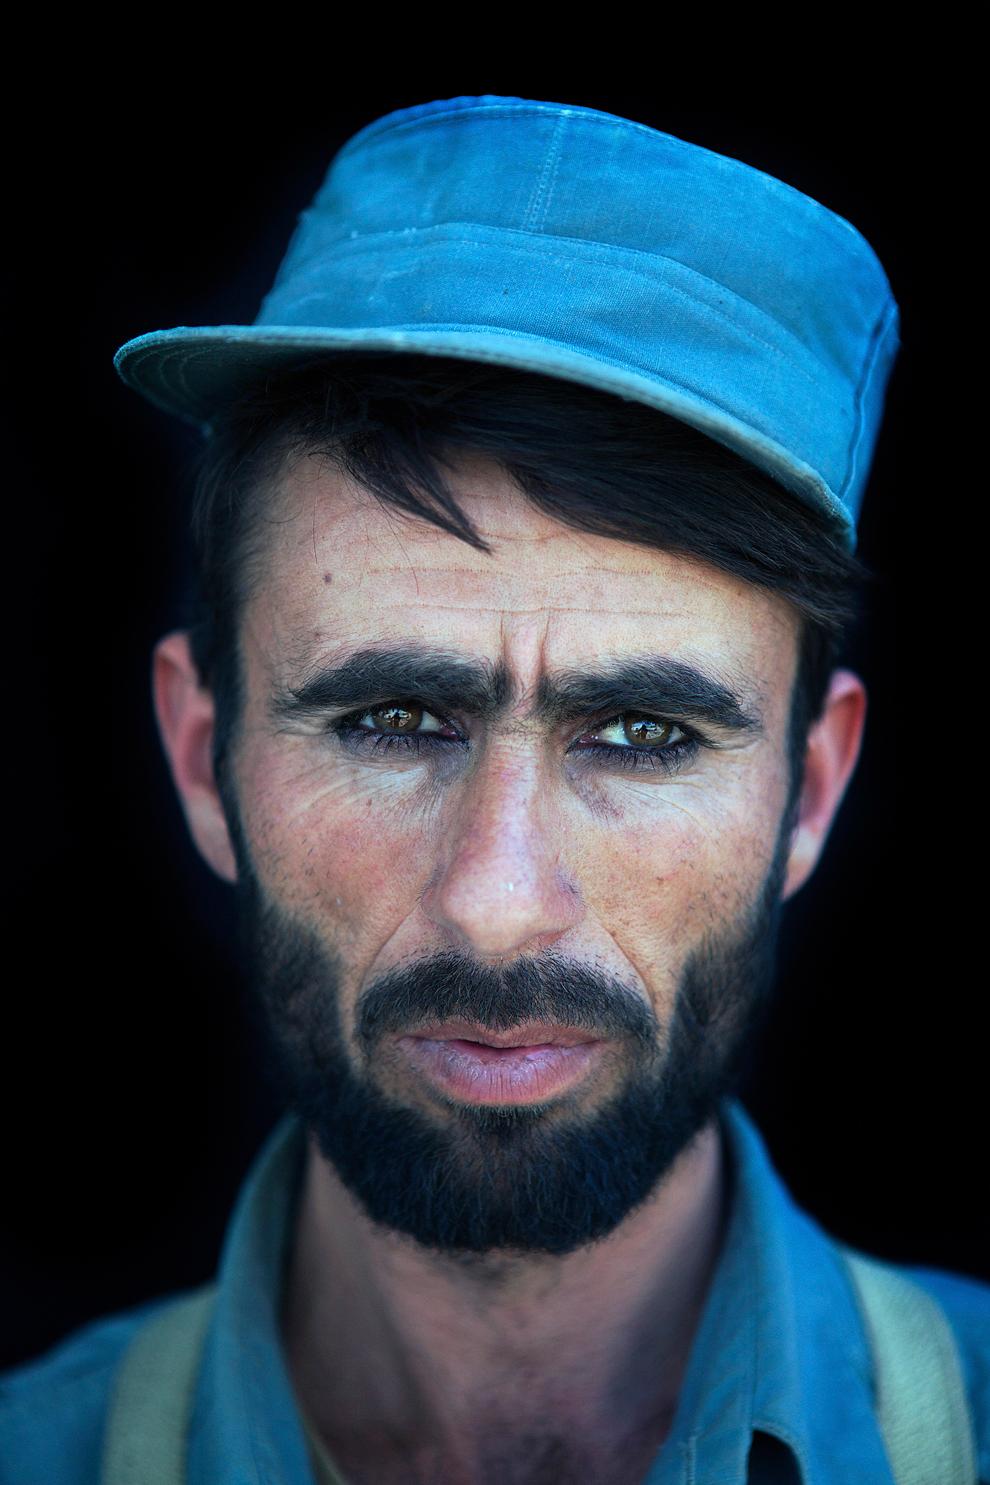 2 місце серед портретів: рекрутер поліцейського тренінгового центру в Афганістані. (Ton Koene)